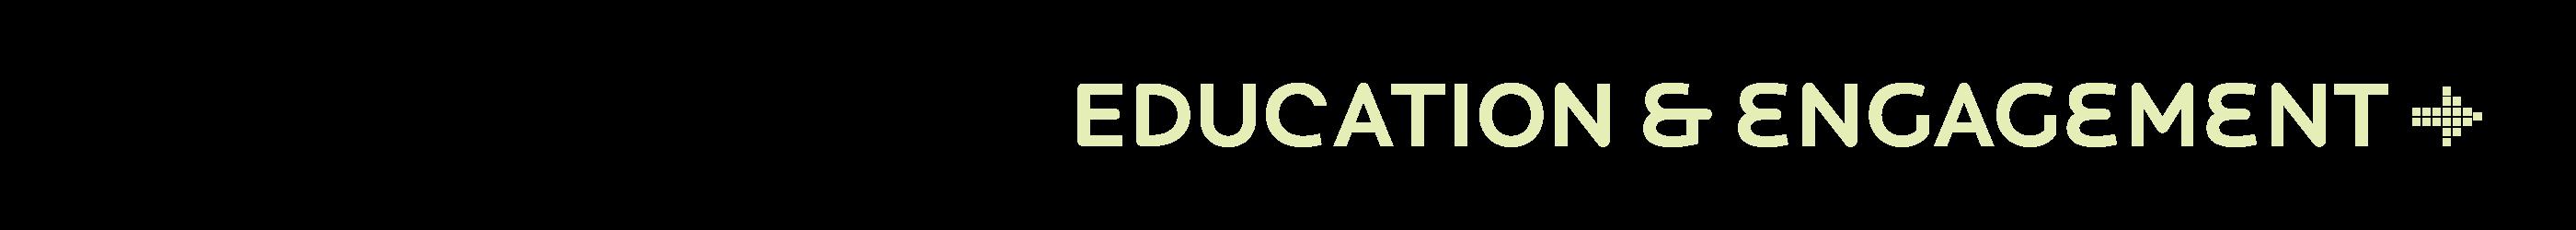 footer_edu_1